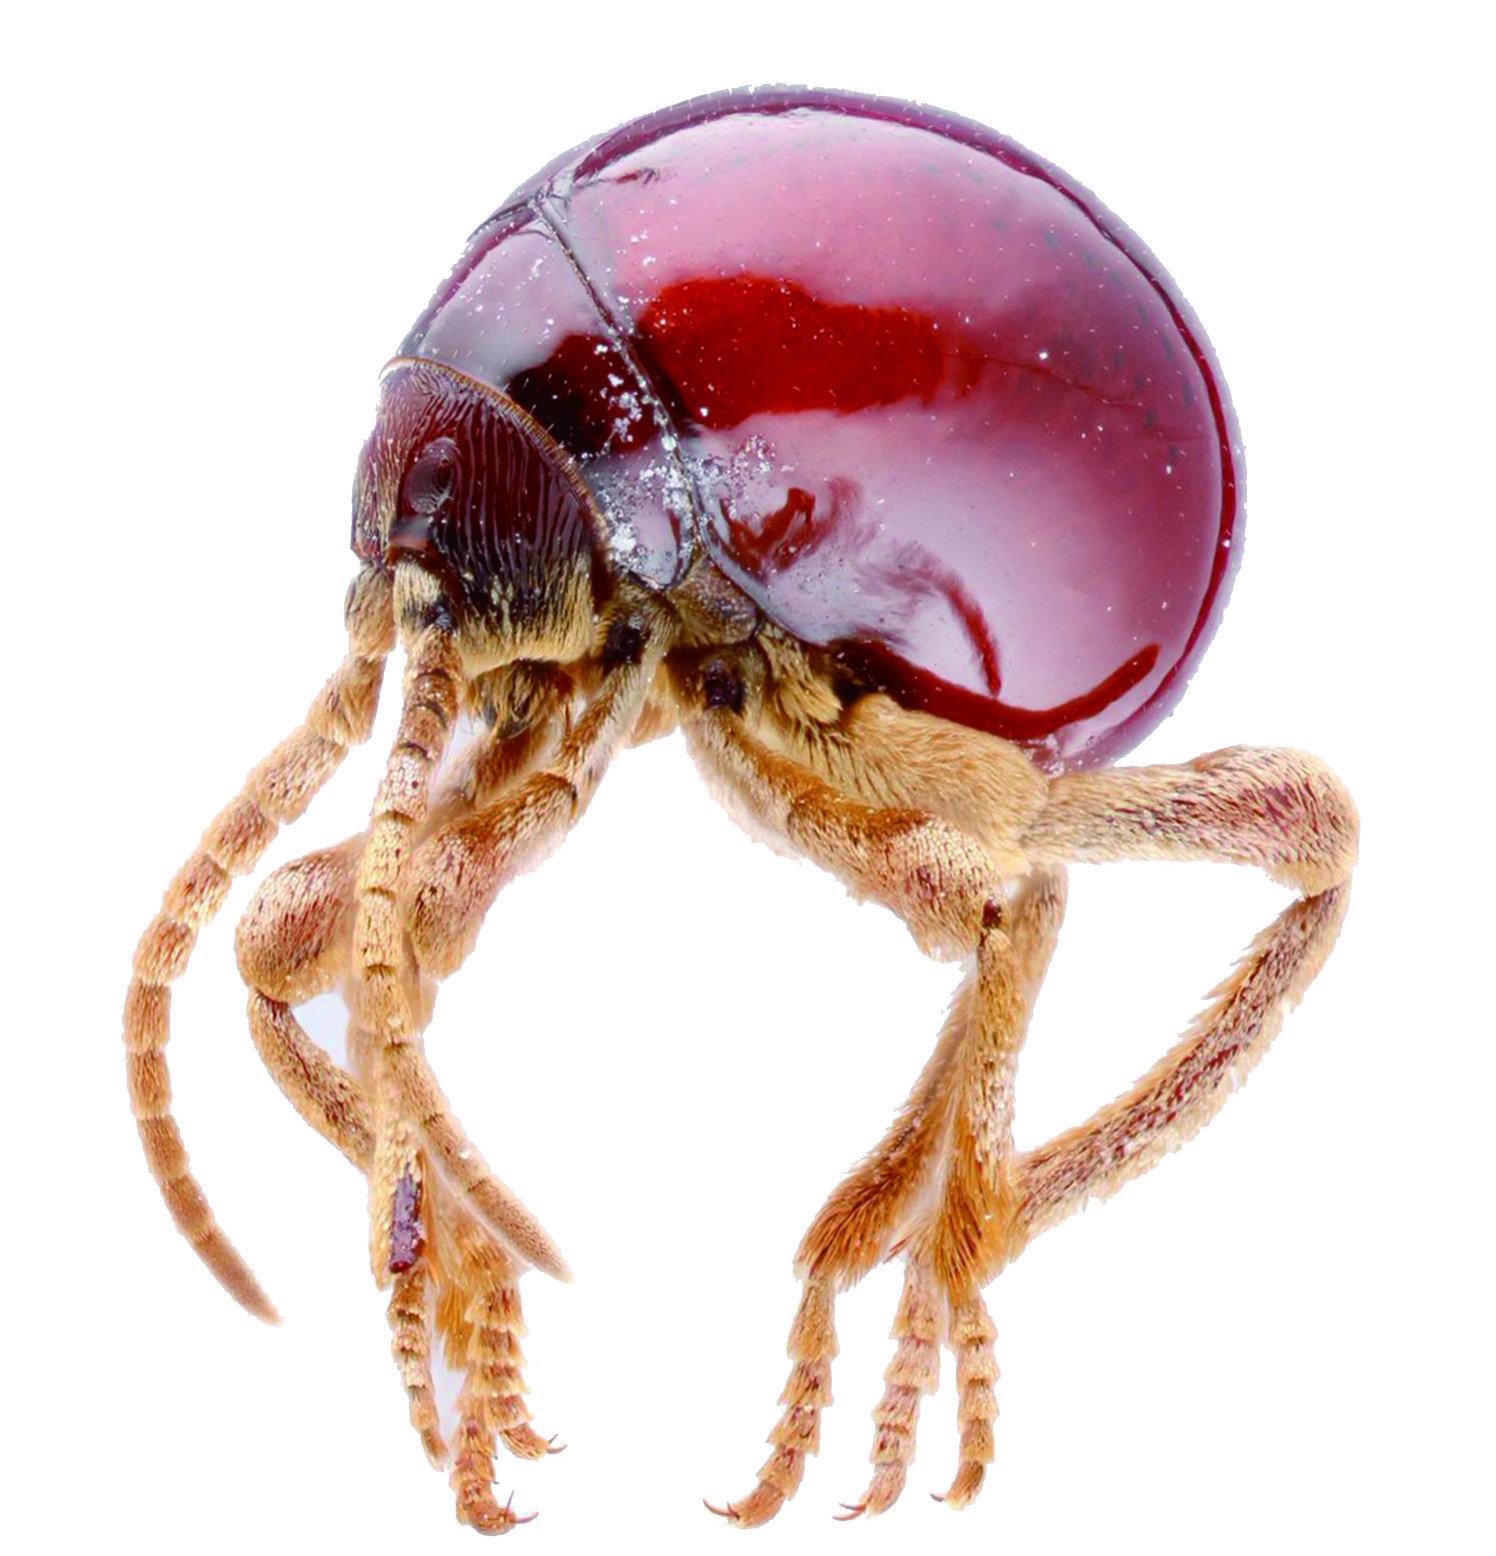 【除蛛甲】家裡出現長的像蜱蟲的蜘蛛,如何避免蛛甲大量繁衍危害  !!